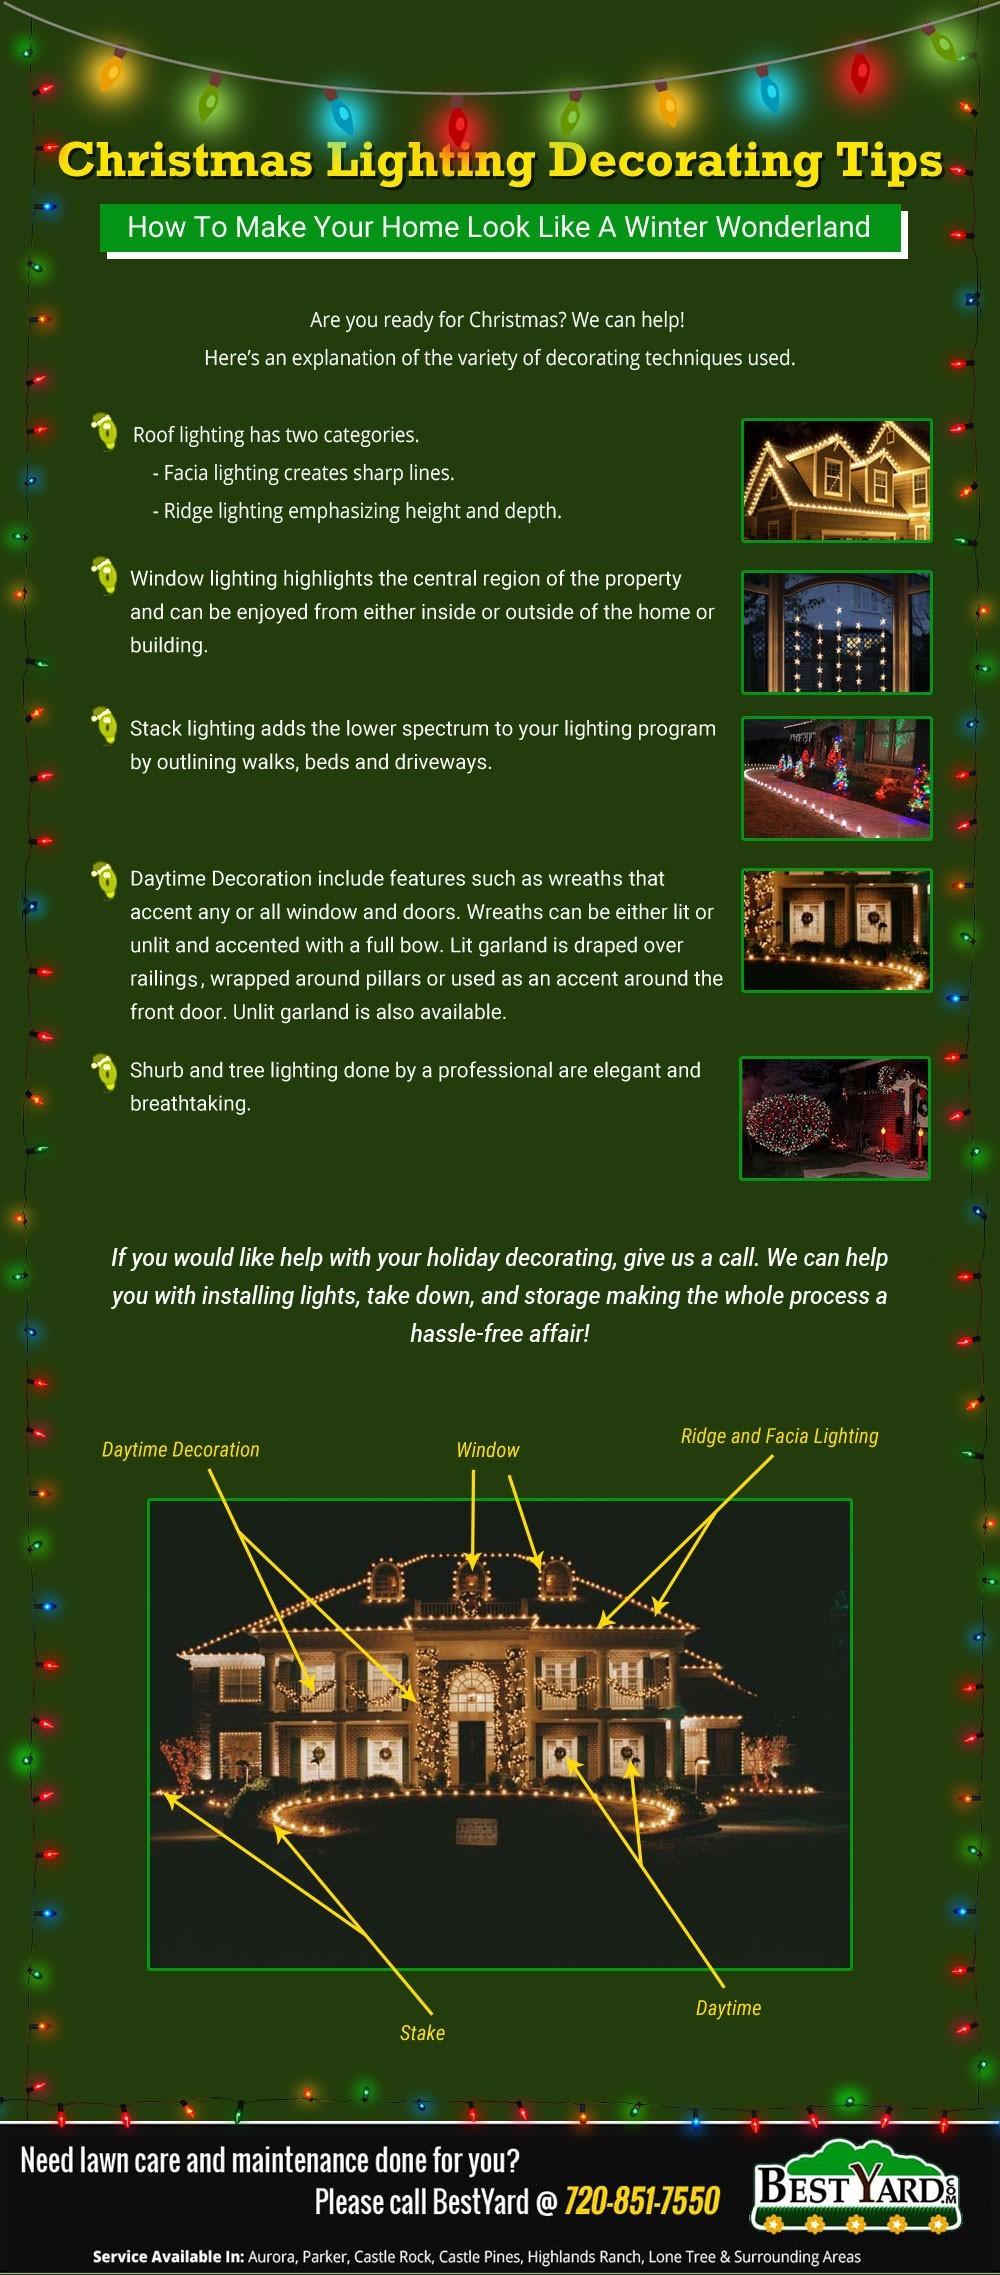 Christmas Lighting Decorating Tips